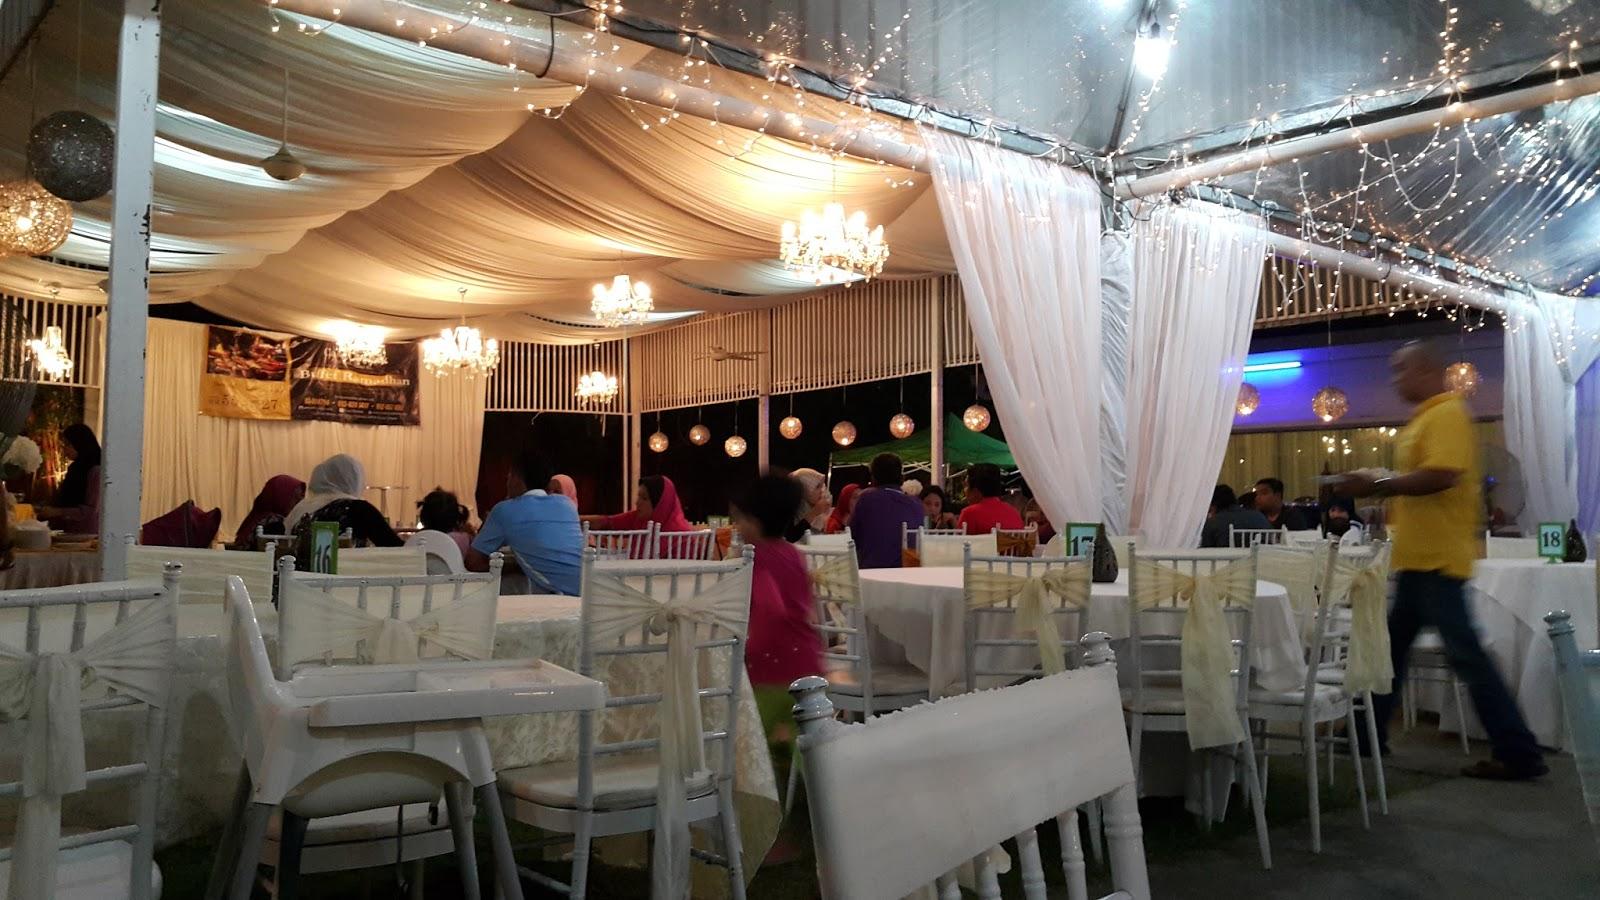 Faizal anuar for Casa jardin jalan damai